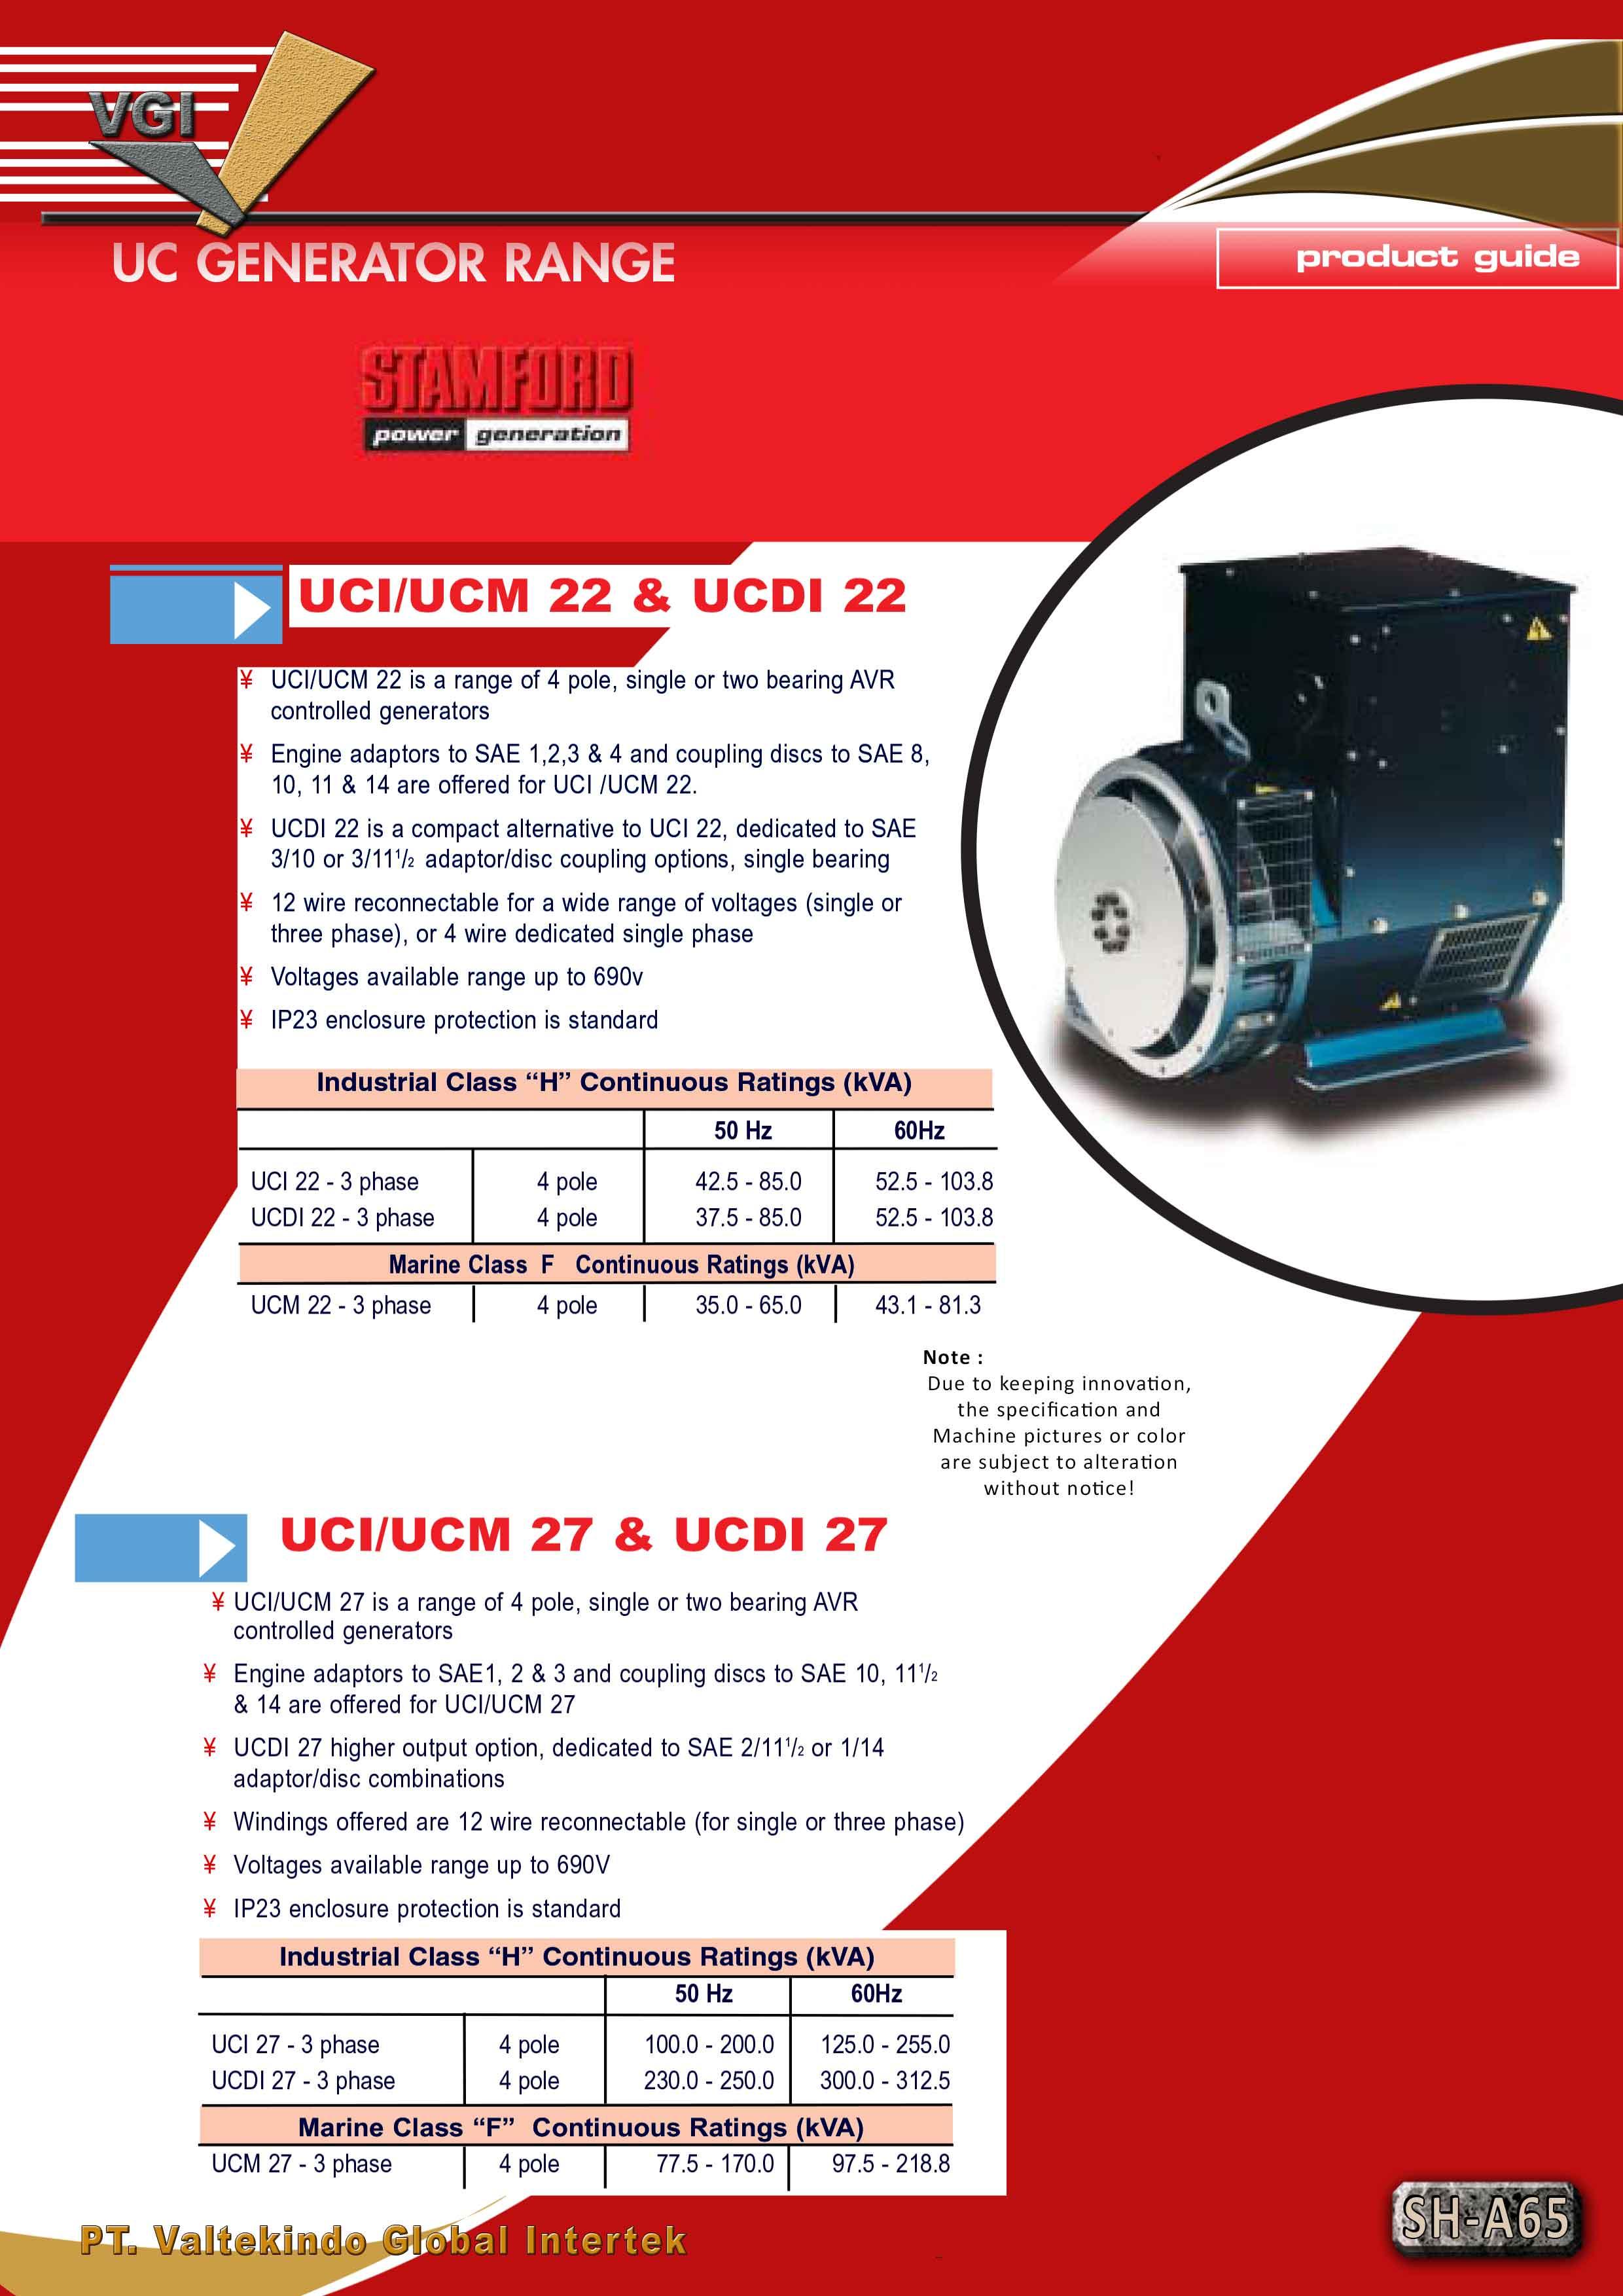 jual mesin, harga mesin, distributor mesin, jual mesin karet, daur ulang plastik UC Generator Range UC Generator Range